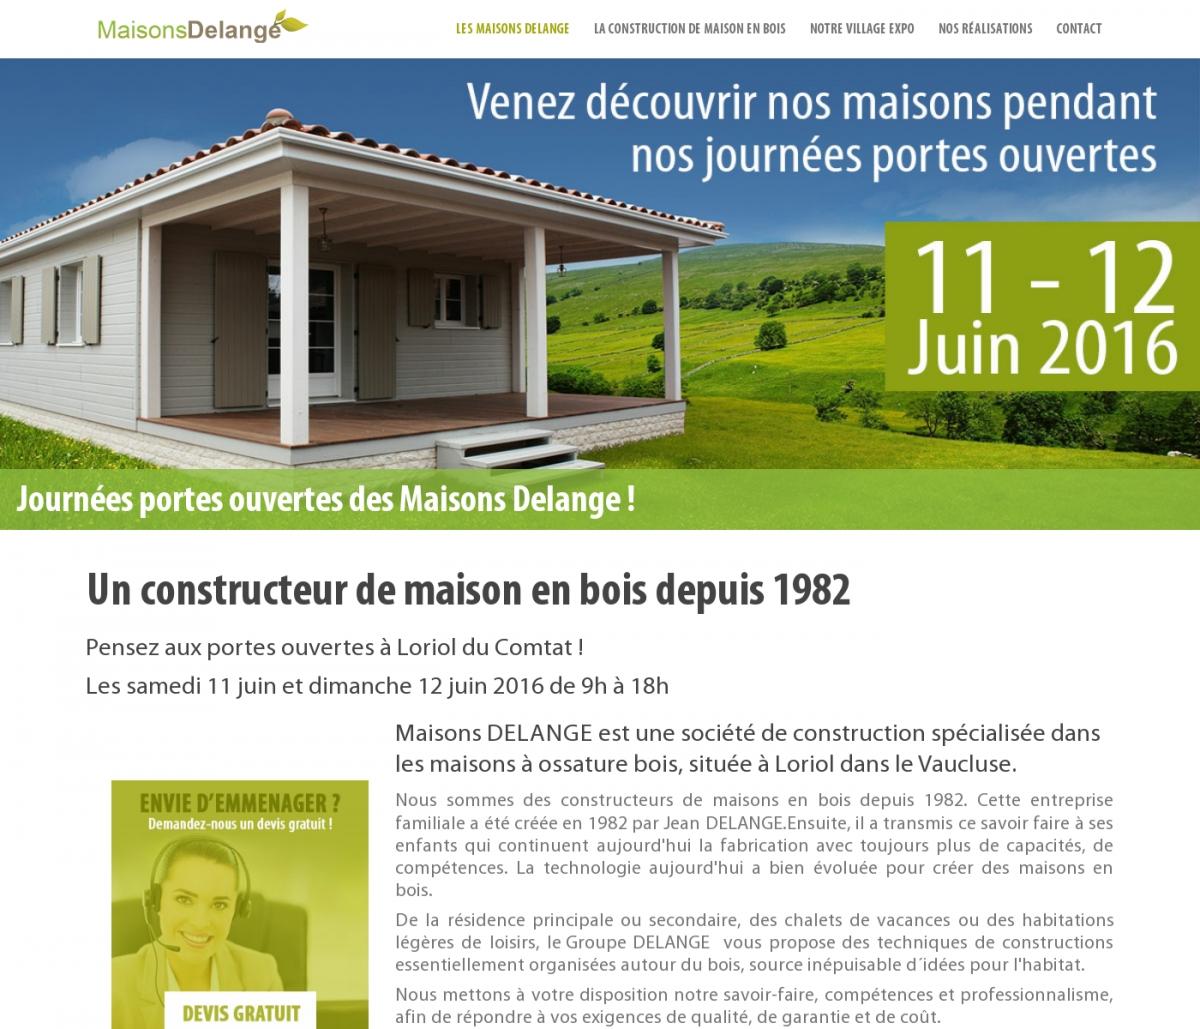 Constructeur maison vaucluse forum groupe delange le for Constructeur de maison en bois dans le 34